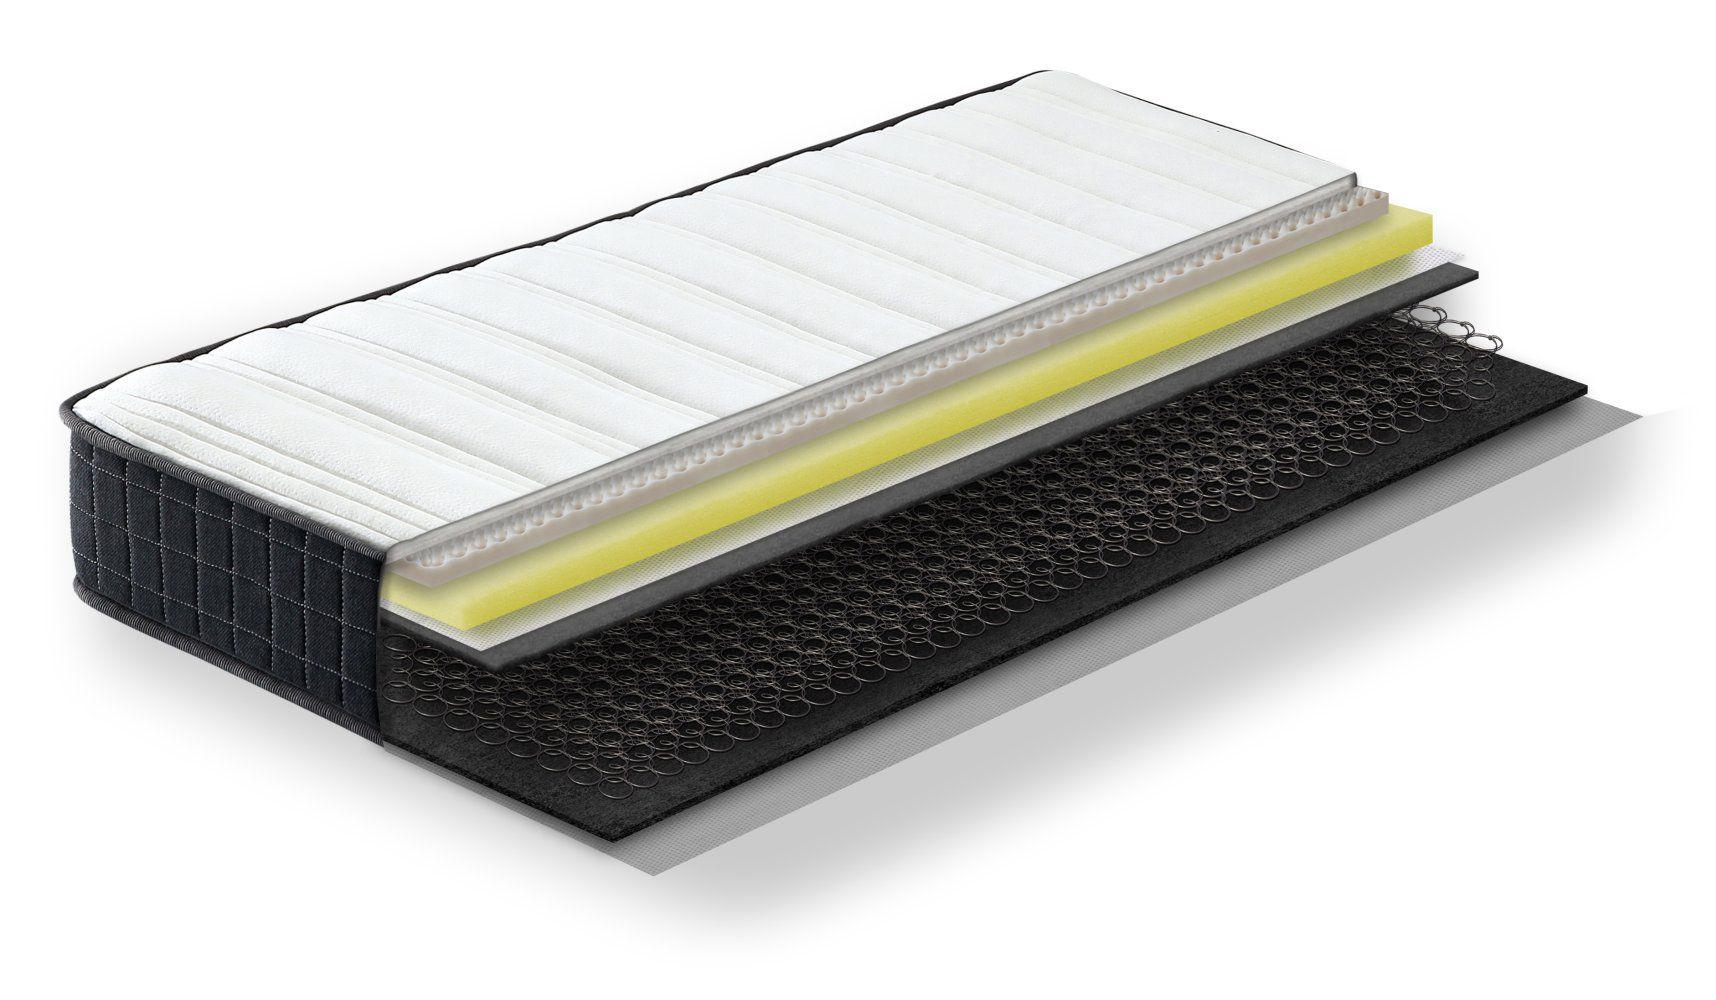 Steiner Premium matras Dream met bonellveren kern - afmeting: 90 x 190 cm, hardheidsgraad H2-H3, hoogte: 20 cm